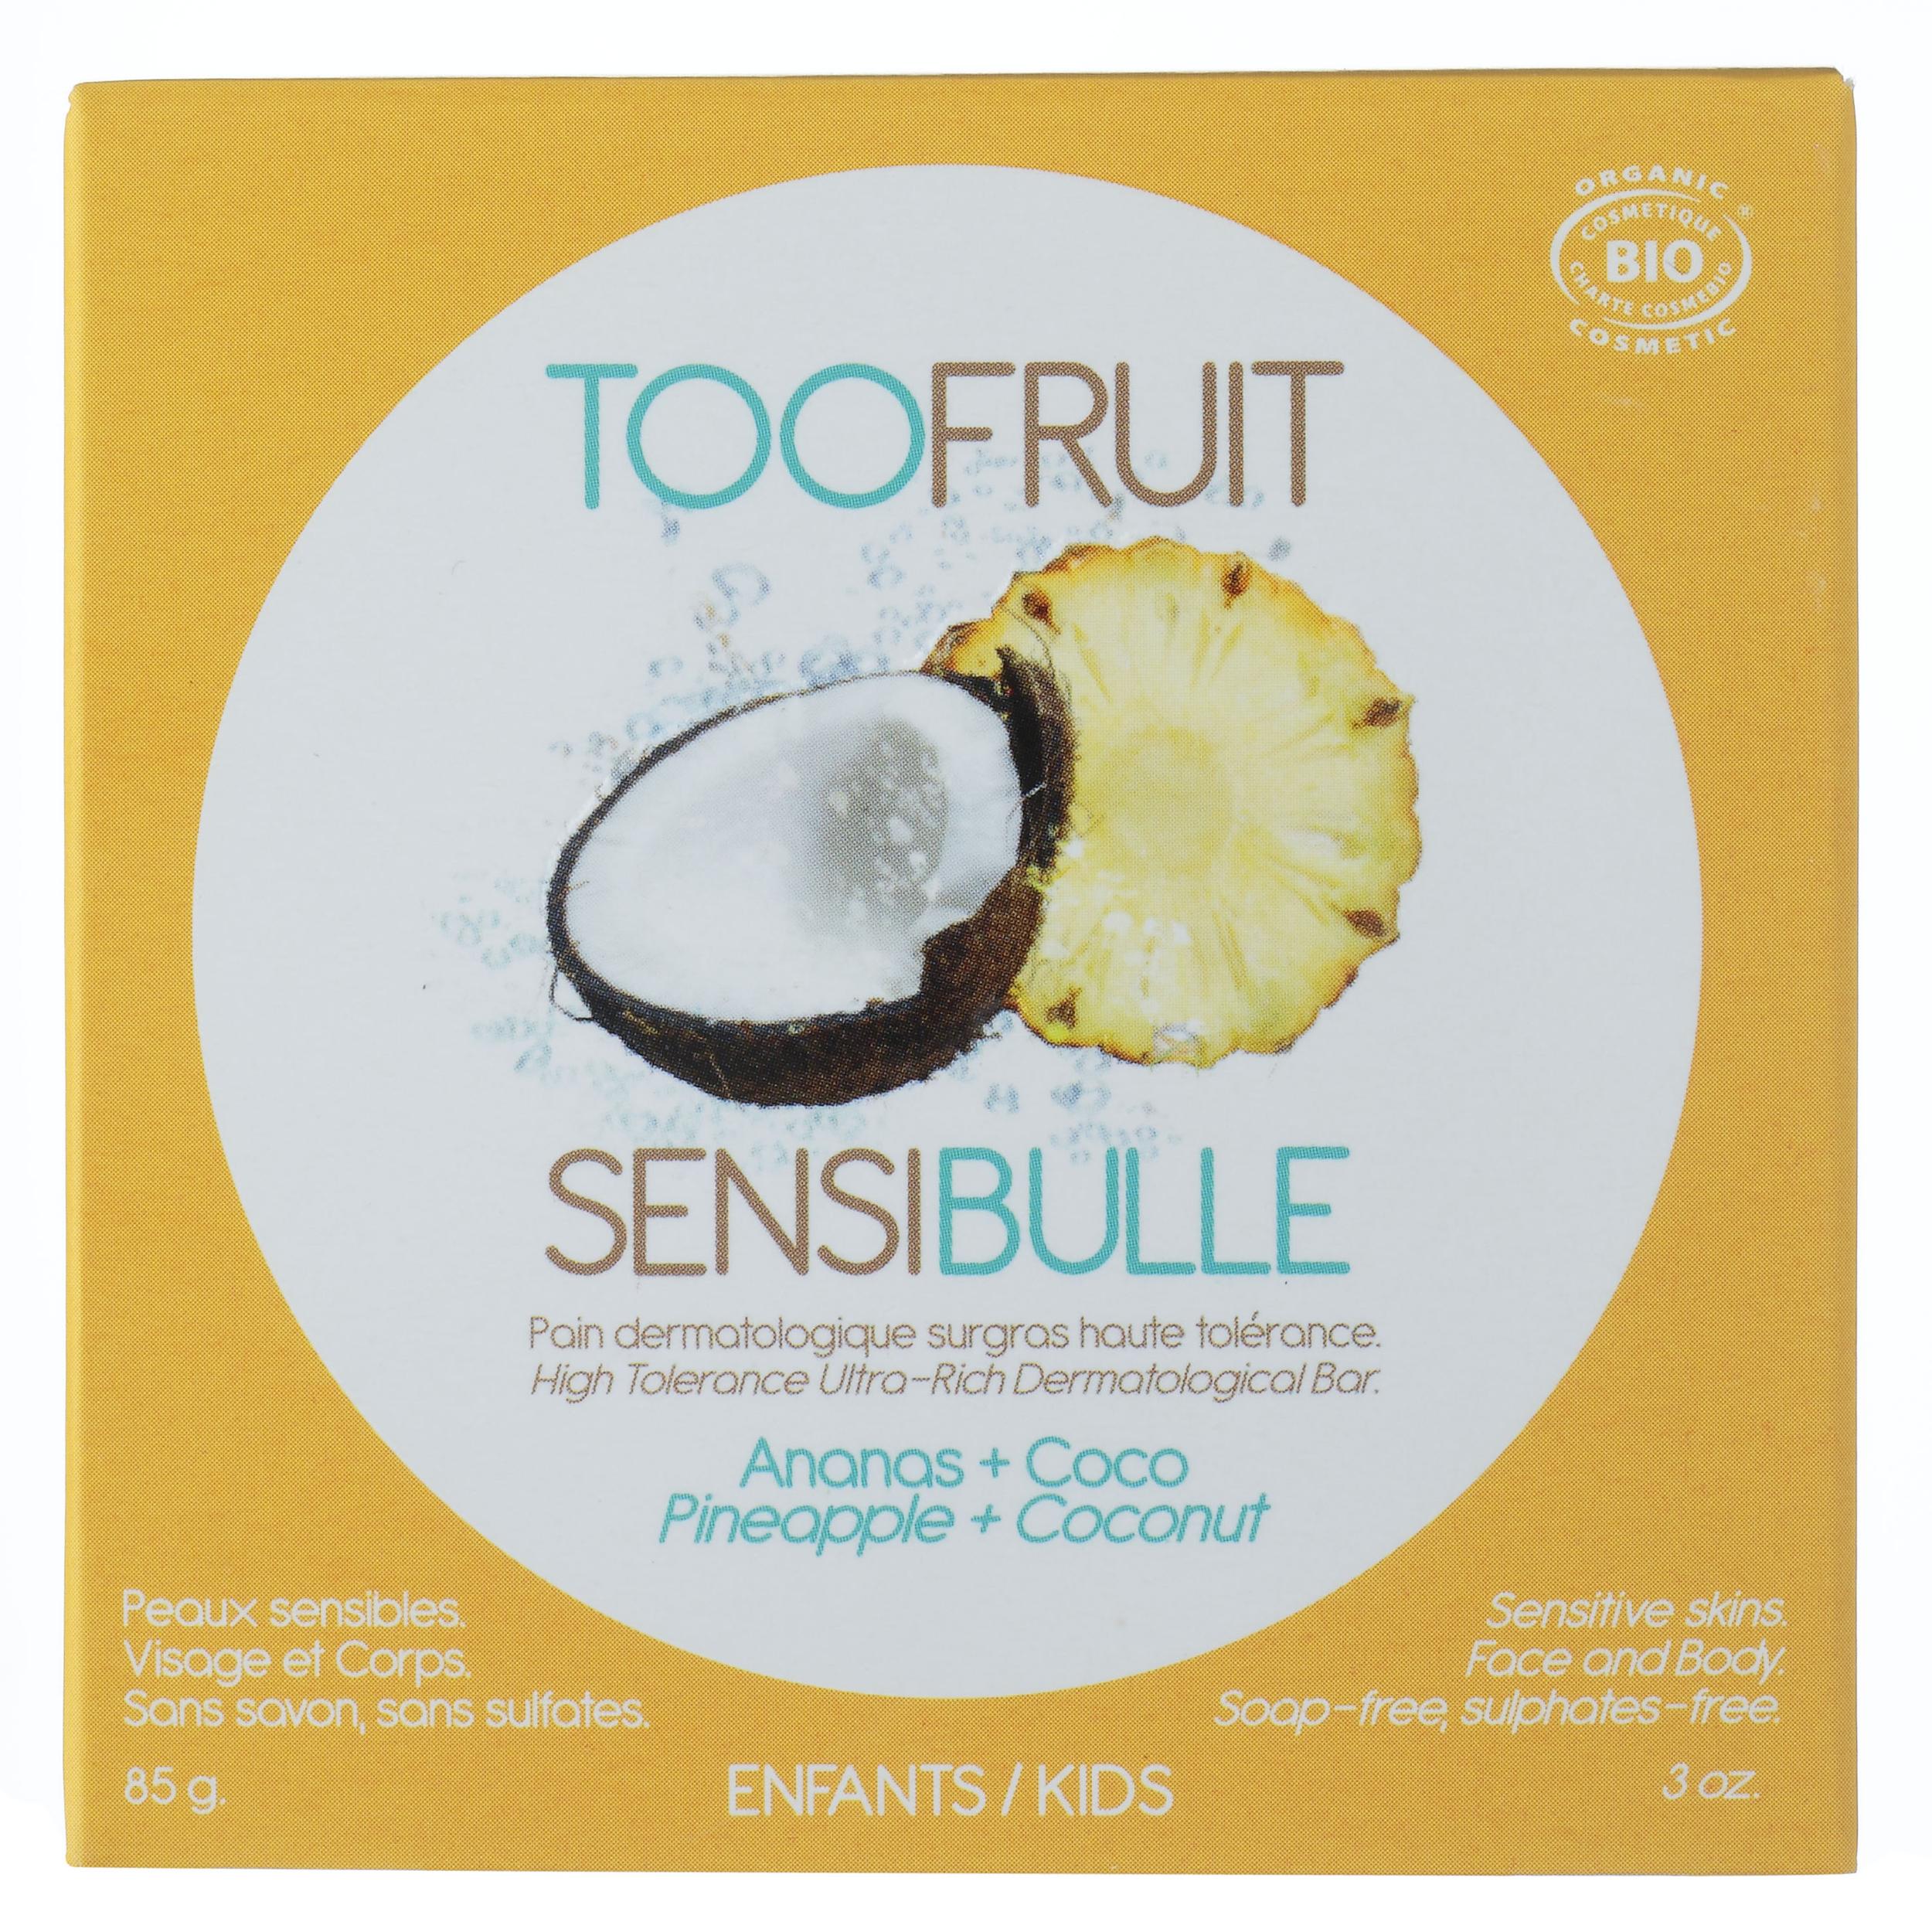 Doux Good - Toofruit sensi pain ananas coco etui savon